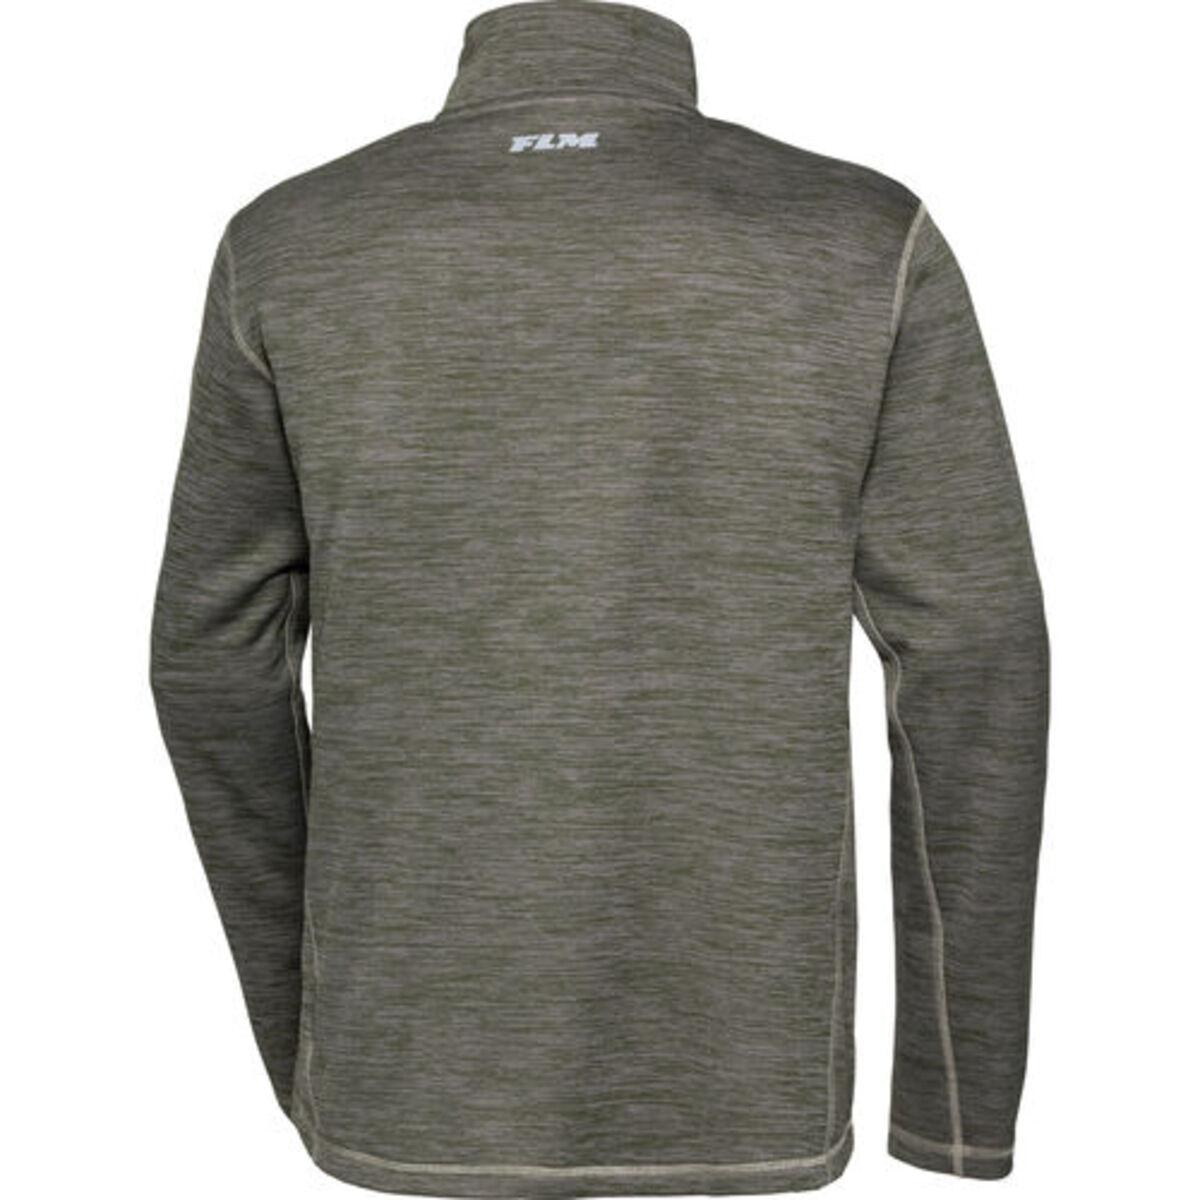 Bild 2 von FLM            Fleece Pullover 3.0 grün